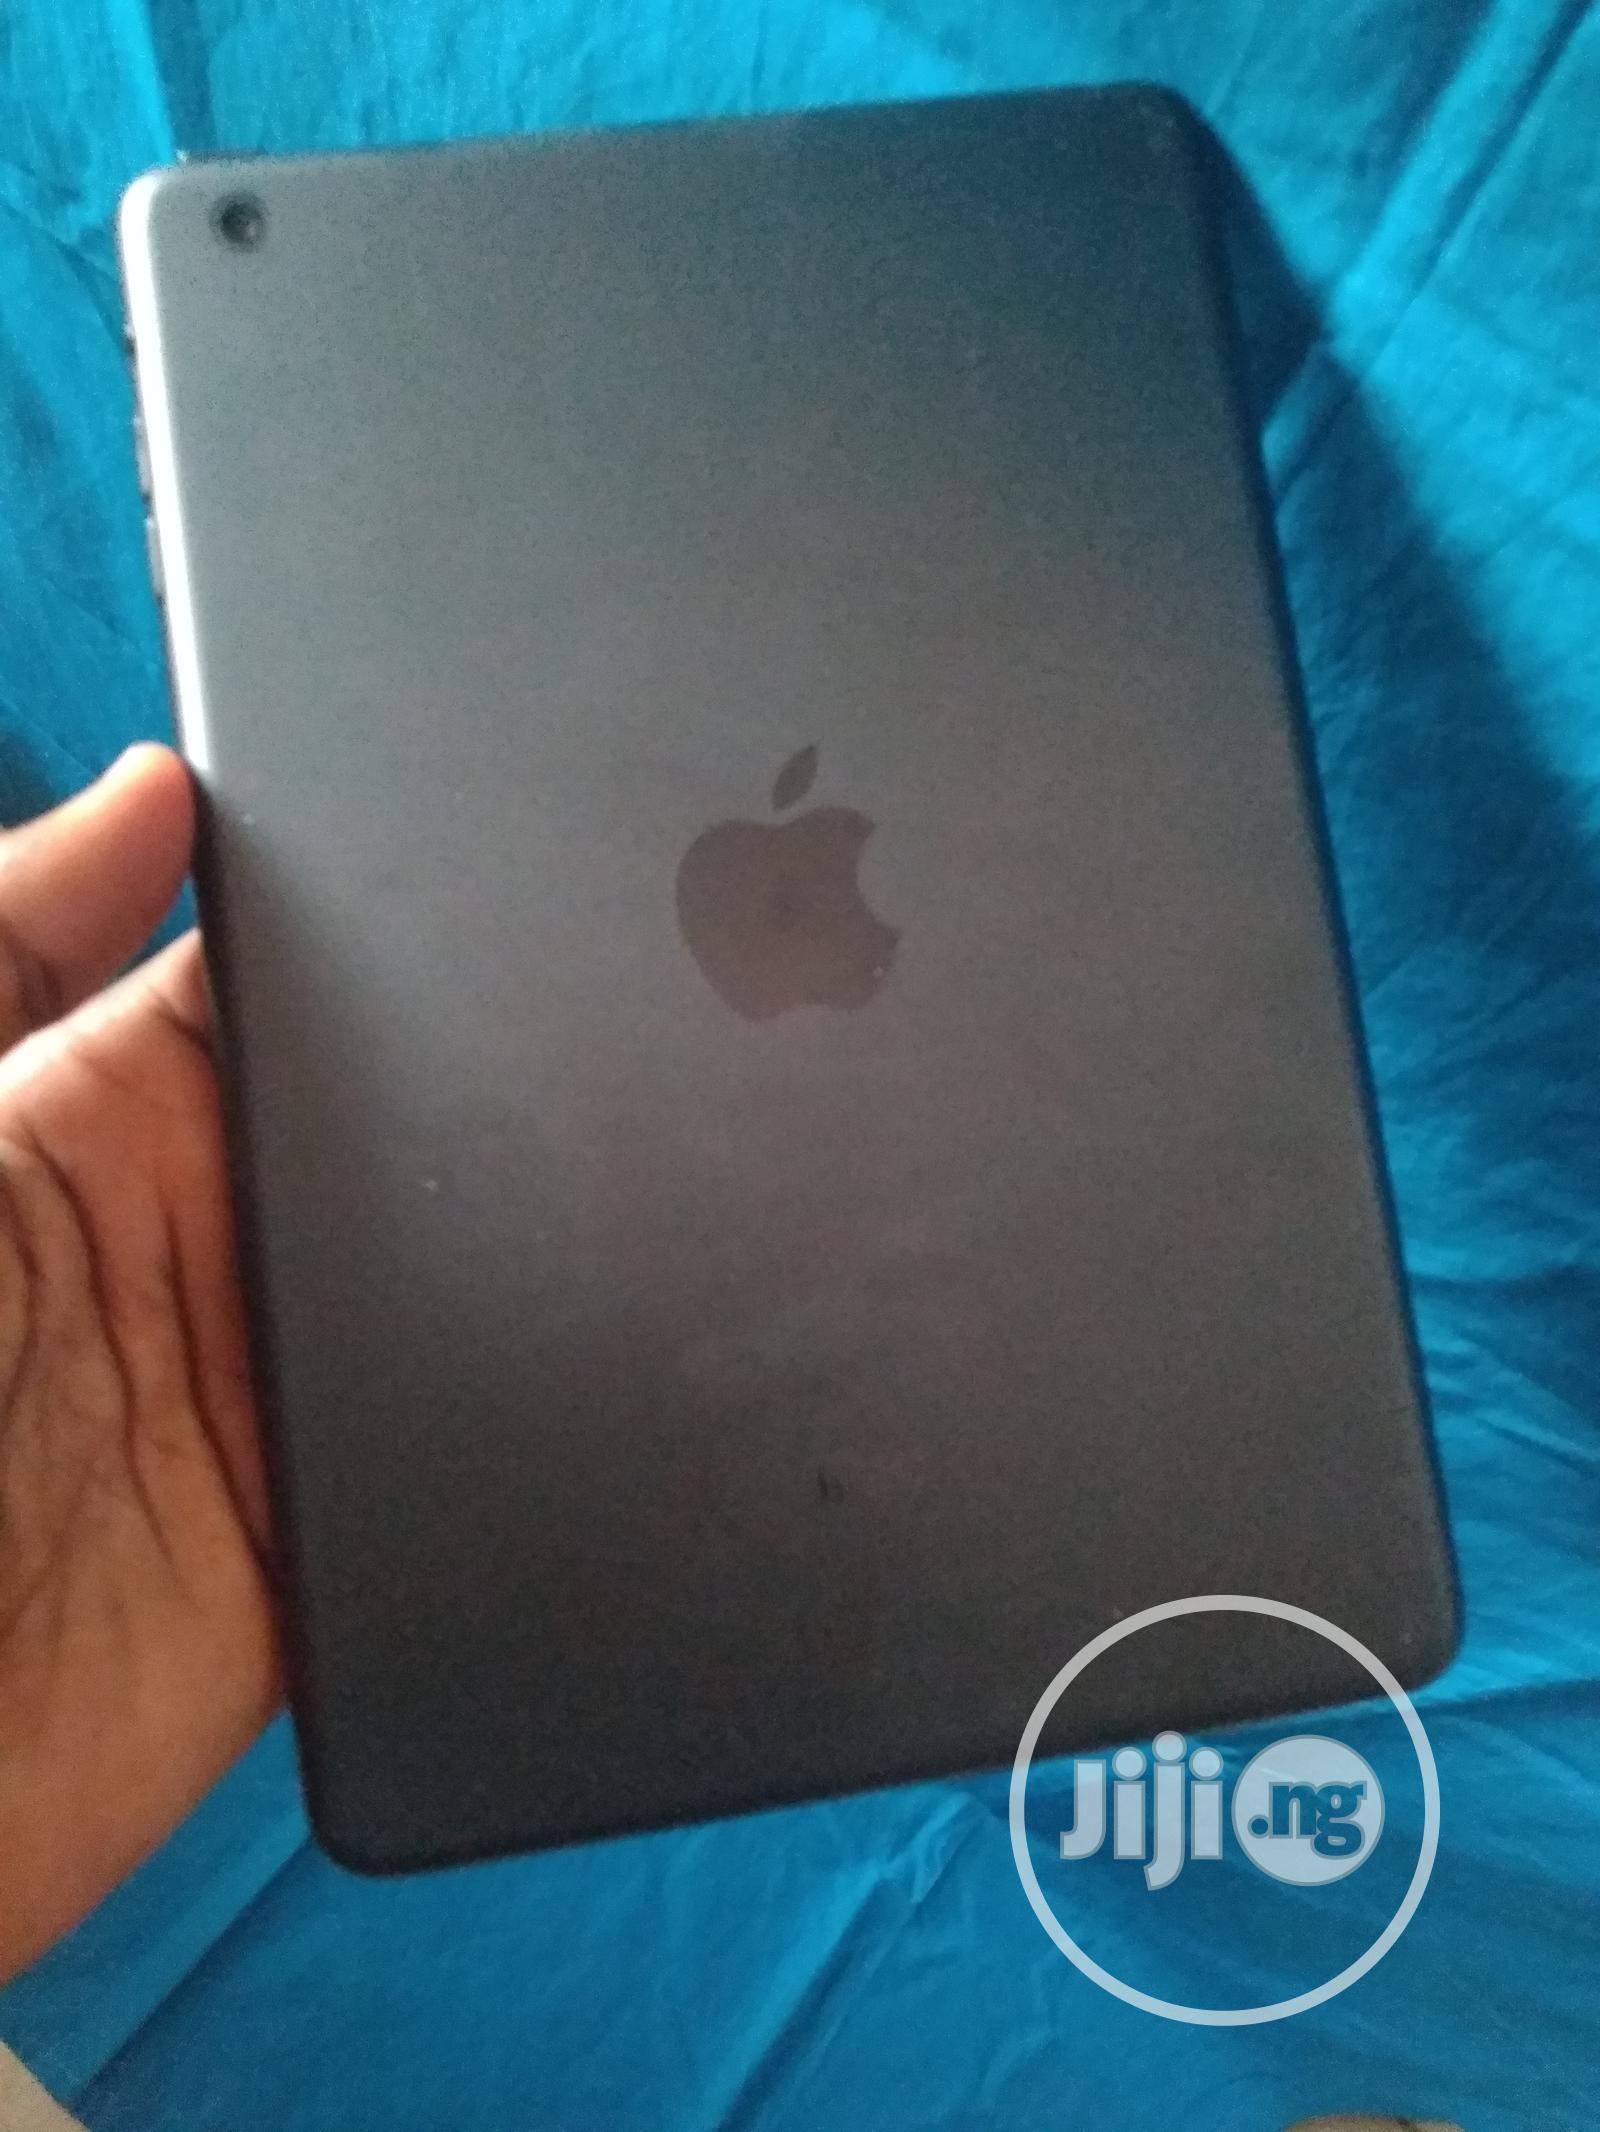 Apple iPad Mini Wi-Fi 16 GB Gray   Tablets for sale in Benin City, Edo State, Nigeria